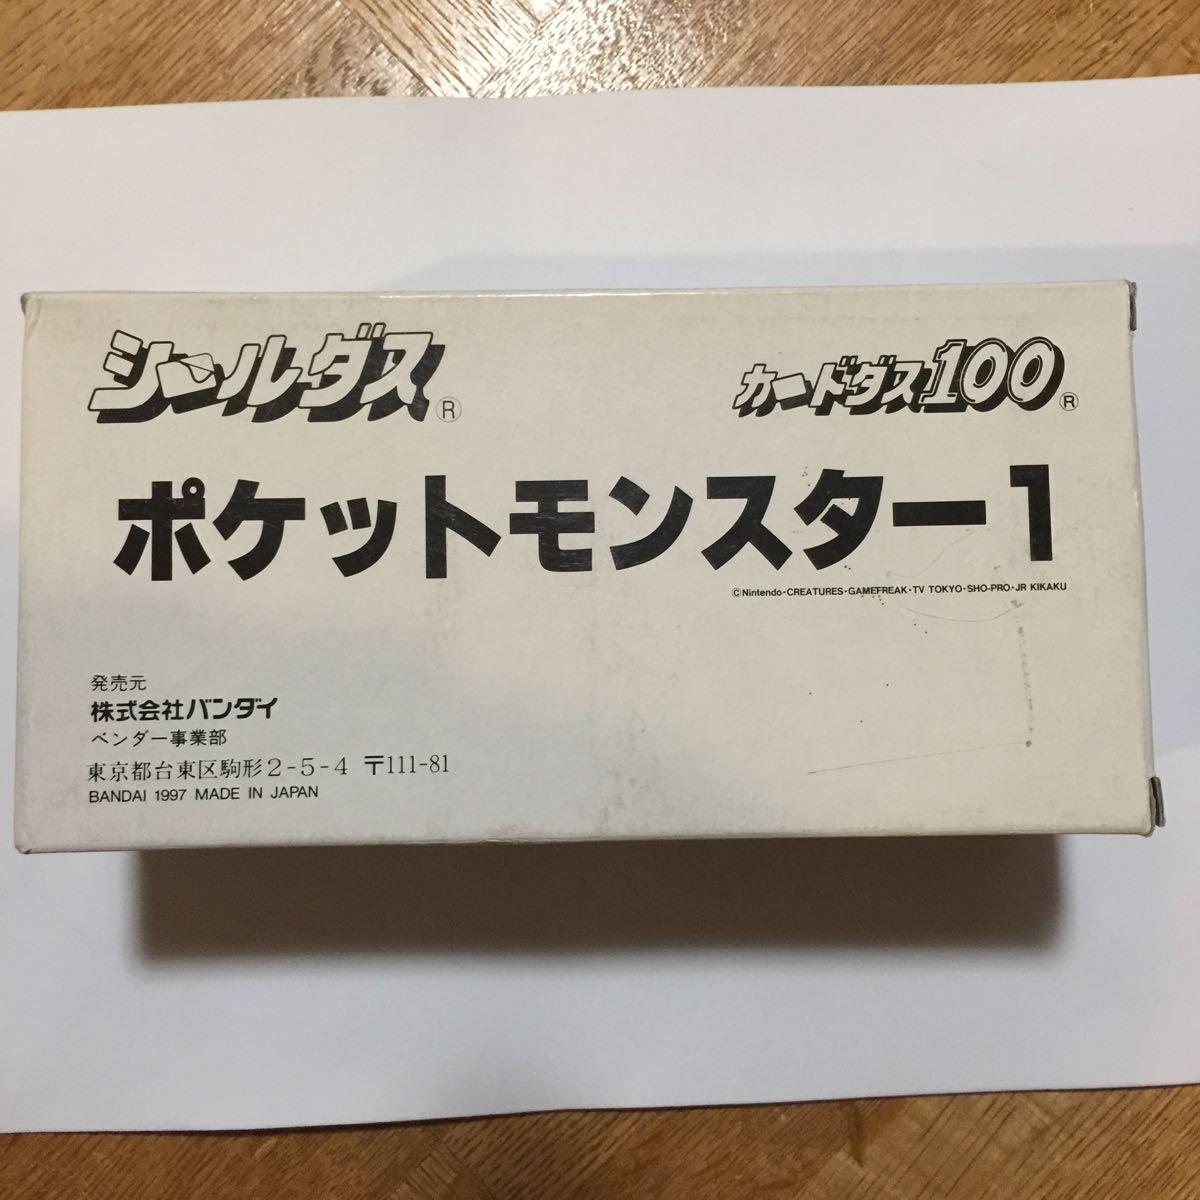 【送料無料】シールダス カードダス100 ポケットモンスター 1 / カードダス 箱付き 箱 廃盤 レア ポケモン pokemon